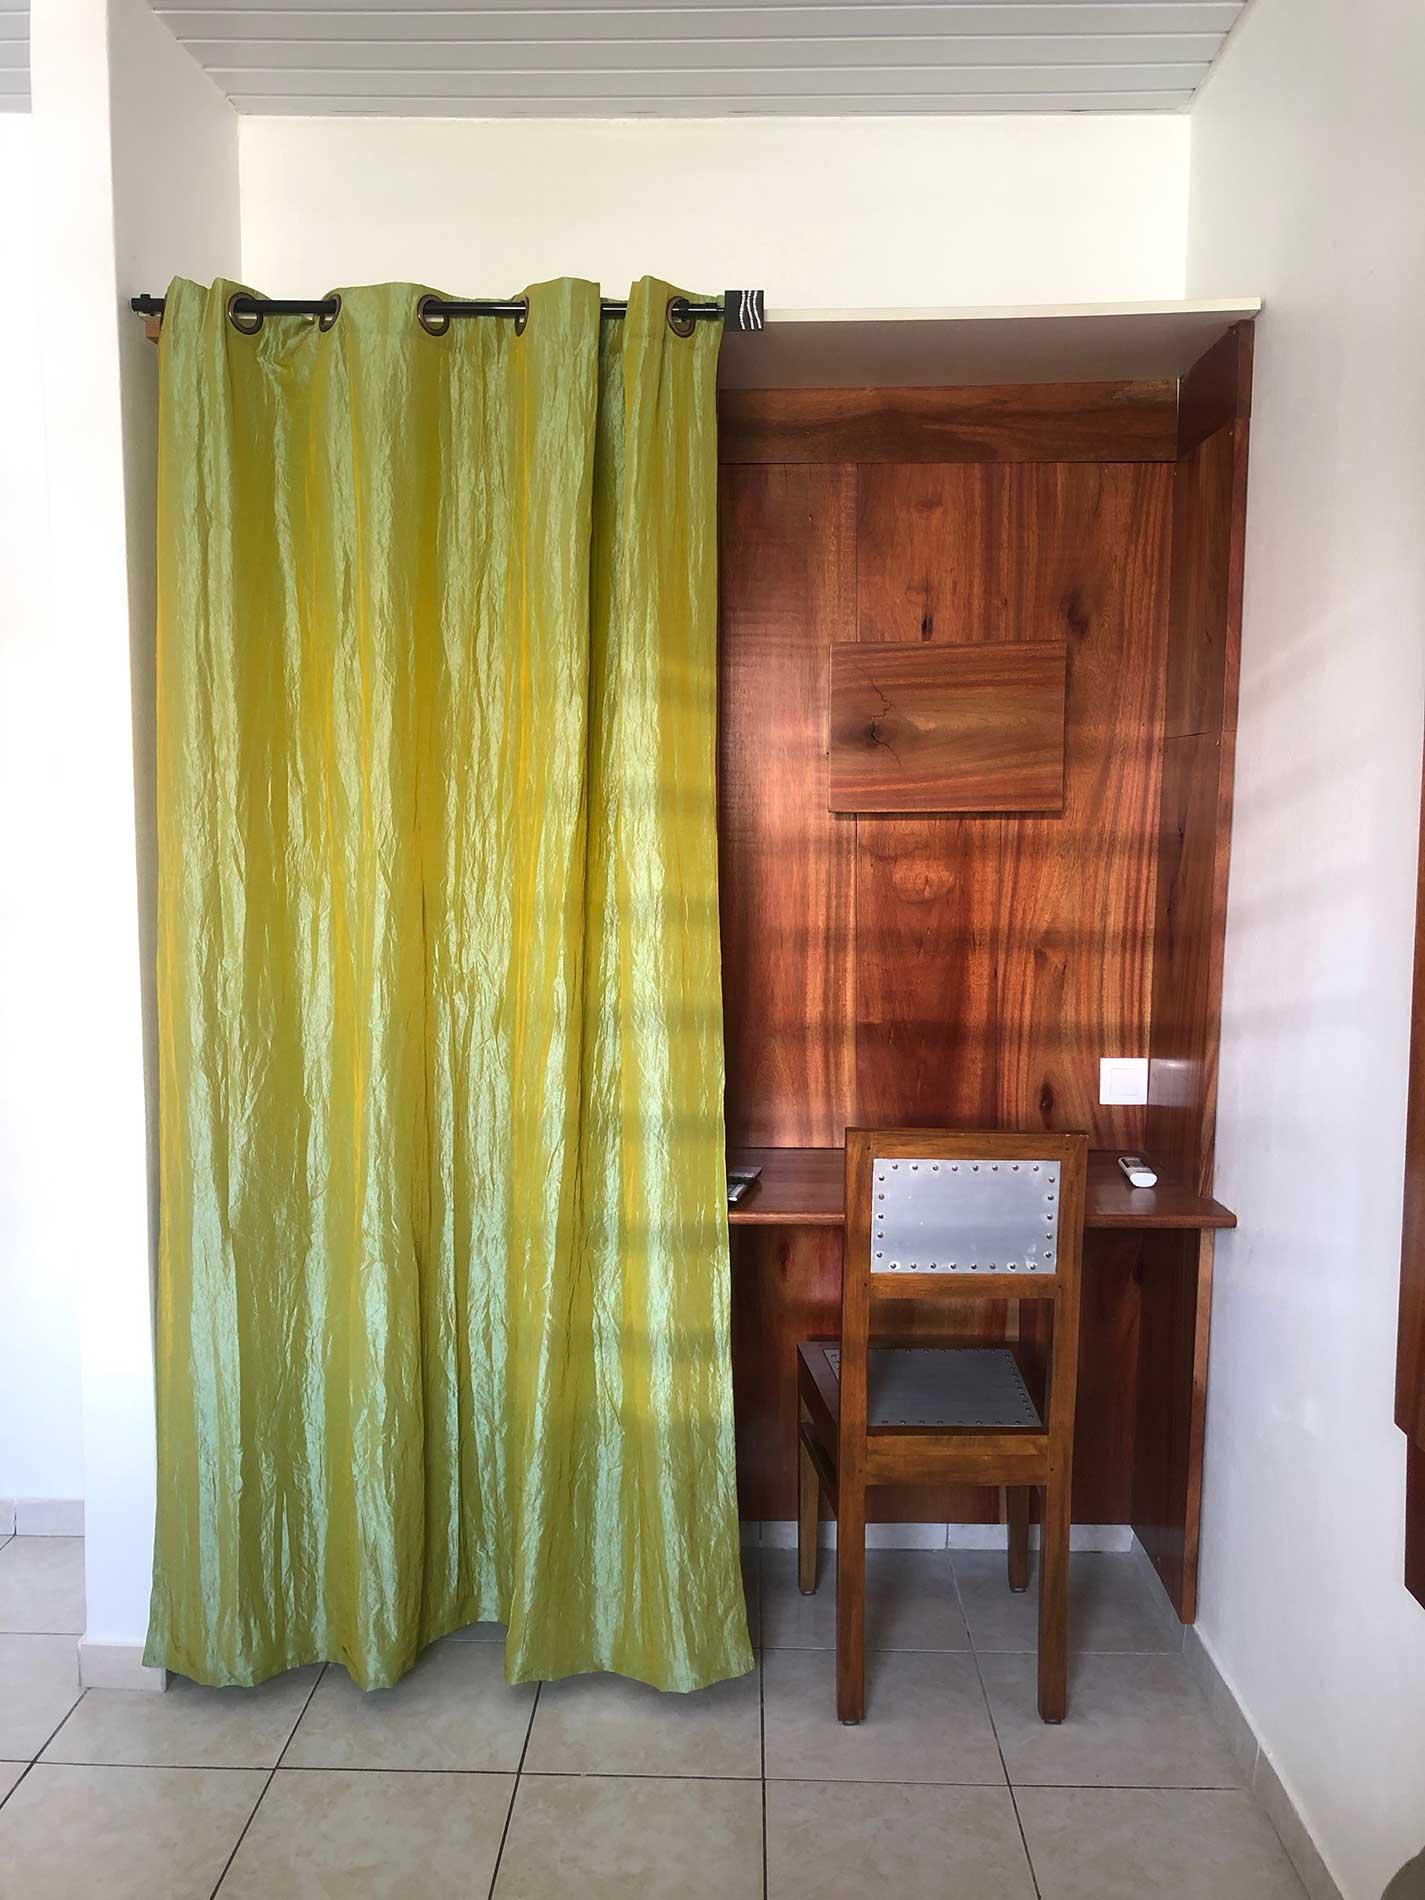 Bureau fait en bois satiné rubané en harmonie avec le lit. Sa chaise en bois et métal. A côté la penderie pour ranger les affaires.